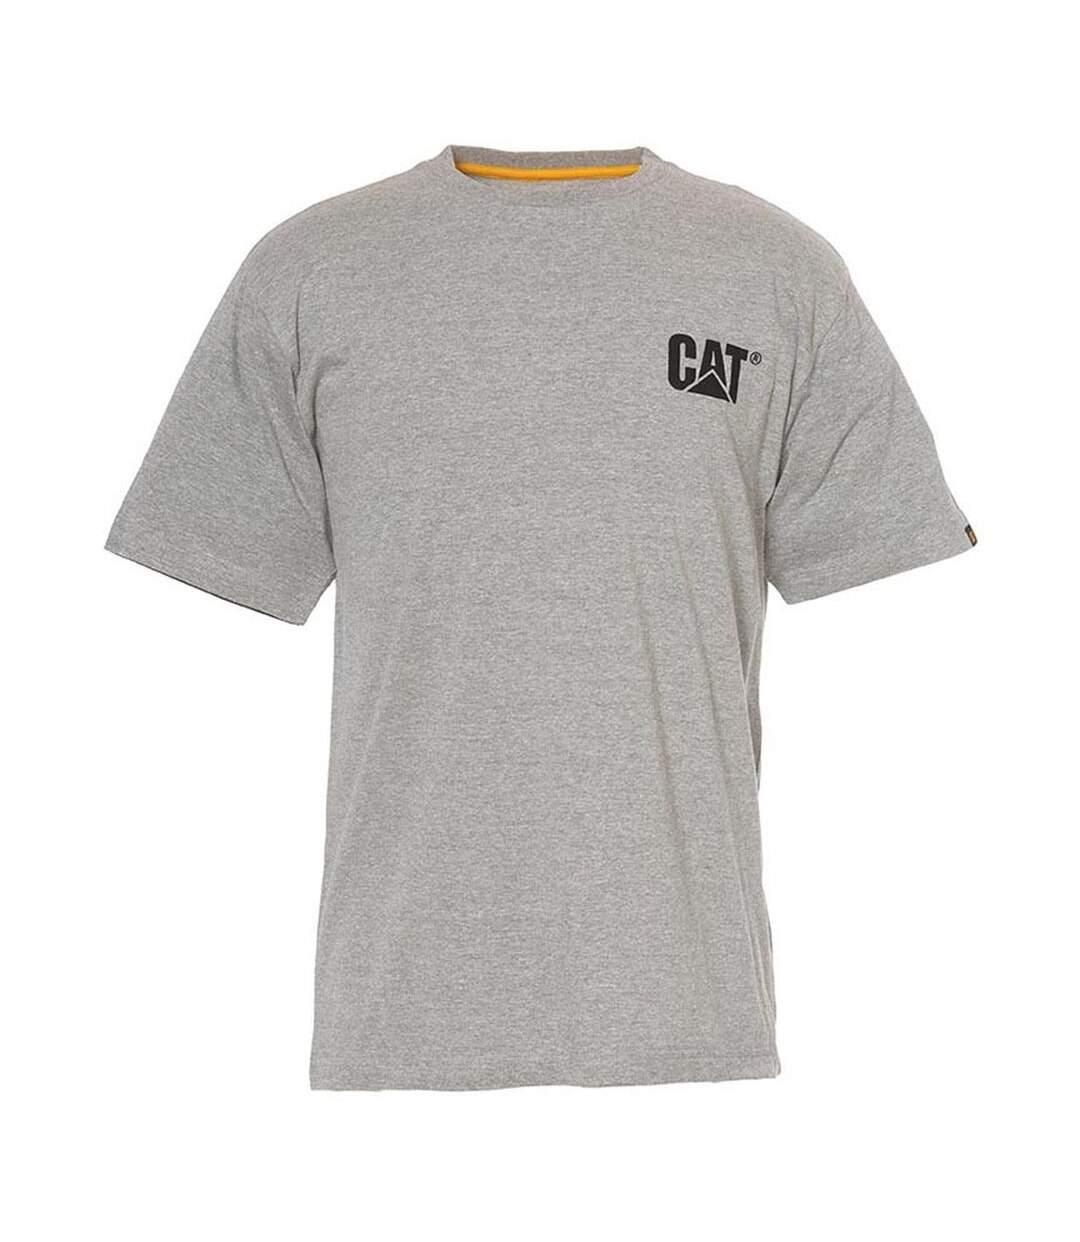 T-Shirt Caterpillar TRADEMARK